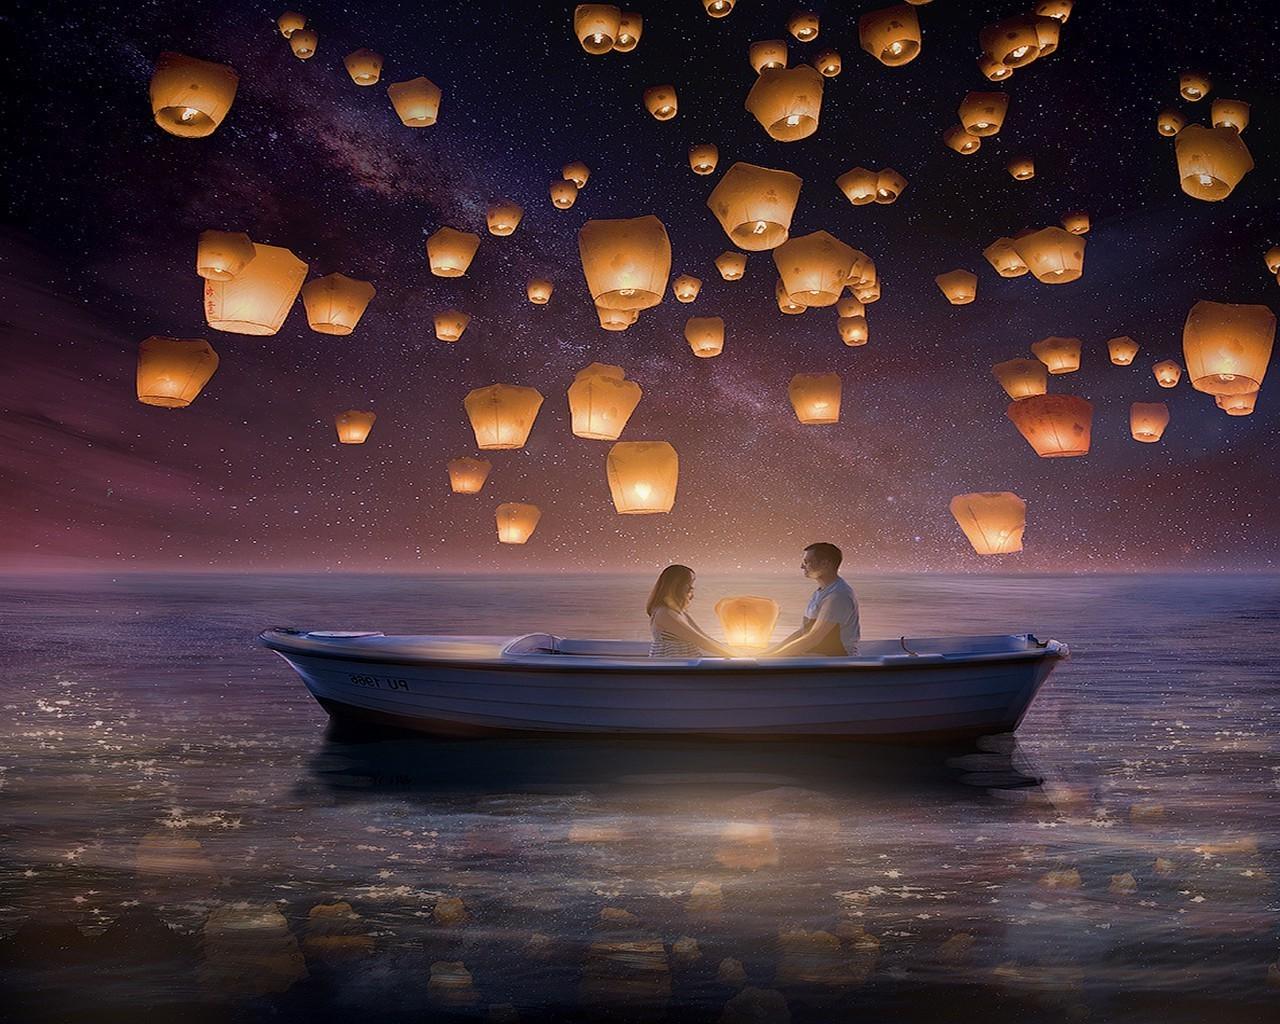 Доброй ночи картинки романтика